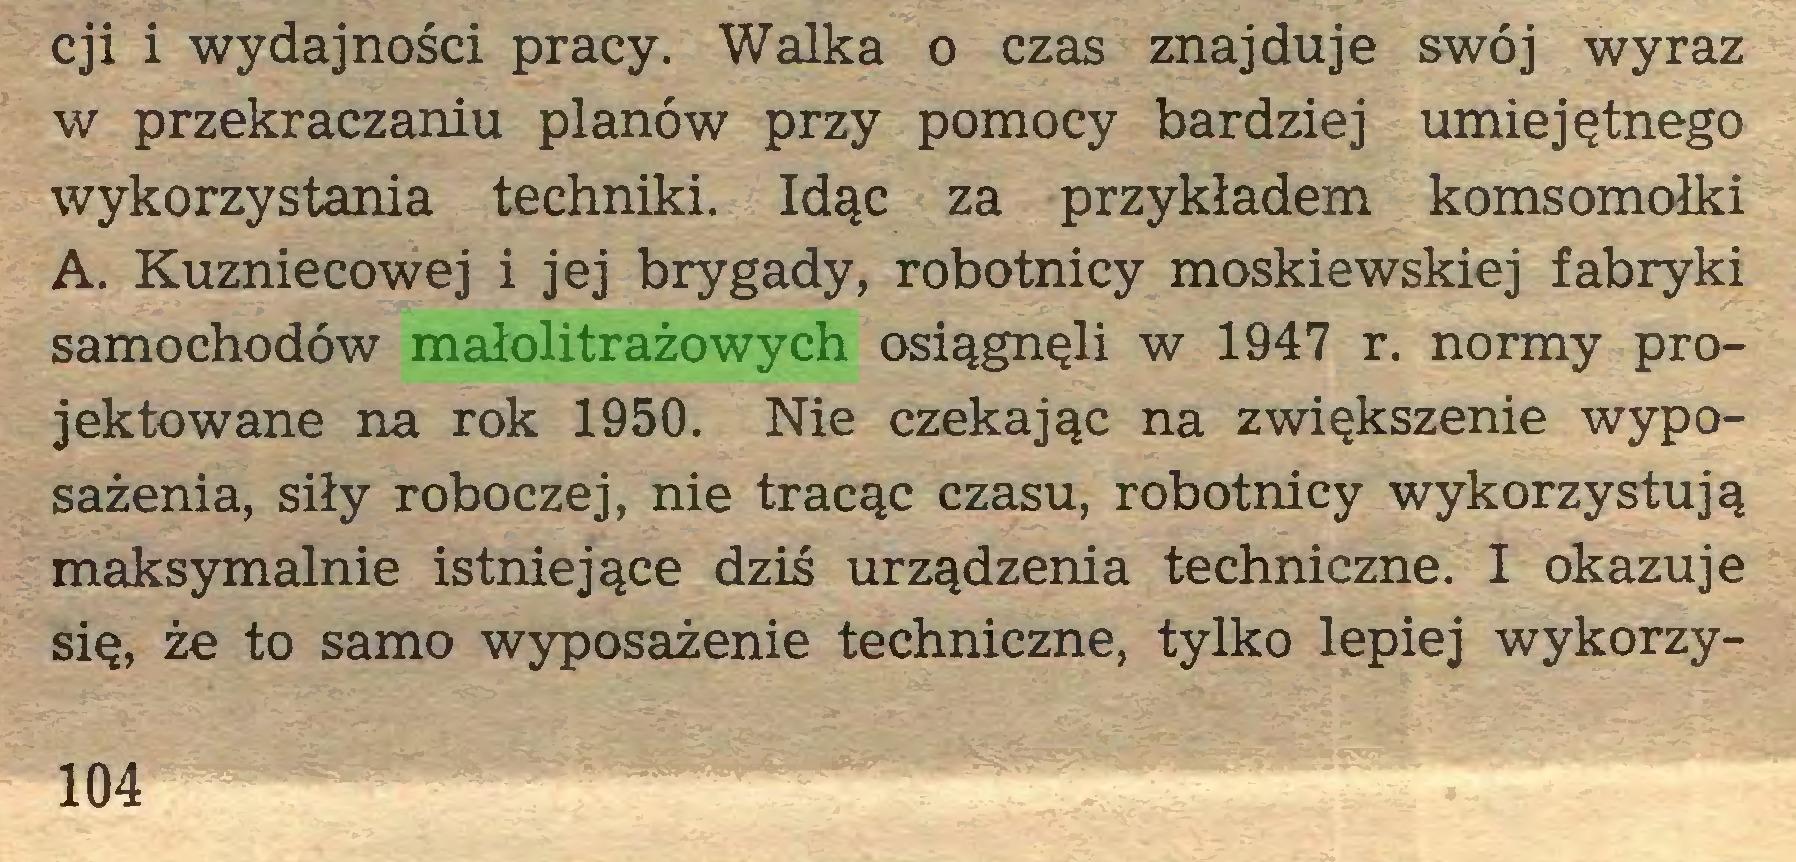 (...) cji i wydajności pracy. Walka o czas znajduje swój wyraz w przekraczaniu planów przy pomocy bardziej umiejętnego wykorzystania techniki. Idąc za przykładem komsomołki A. Kuzniecowej i jej brygady, robotnicy moskiewskiej fabryki samochodów małolitrażowych osiągnęli w 1947 r. normy projektowane na rok 1950. Nie czekając na zwiększenie wyposażenia, siły roboczej, nie tracąc czasu, robotnicy wykorzystują maksymalnie istniejące dziś urządzenia techniczne. I okazuje się, że to samo wyposażenie techniczne, tylko lepiej wykorzy104...